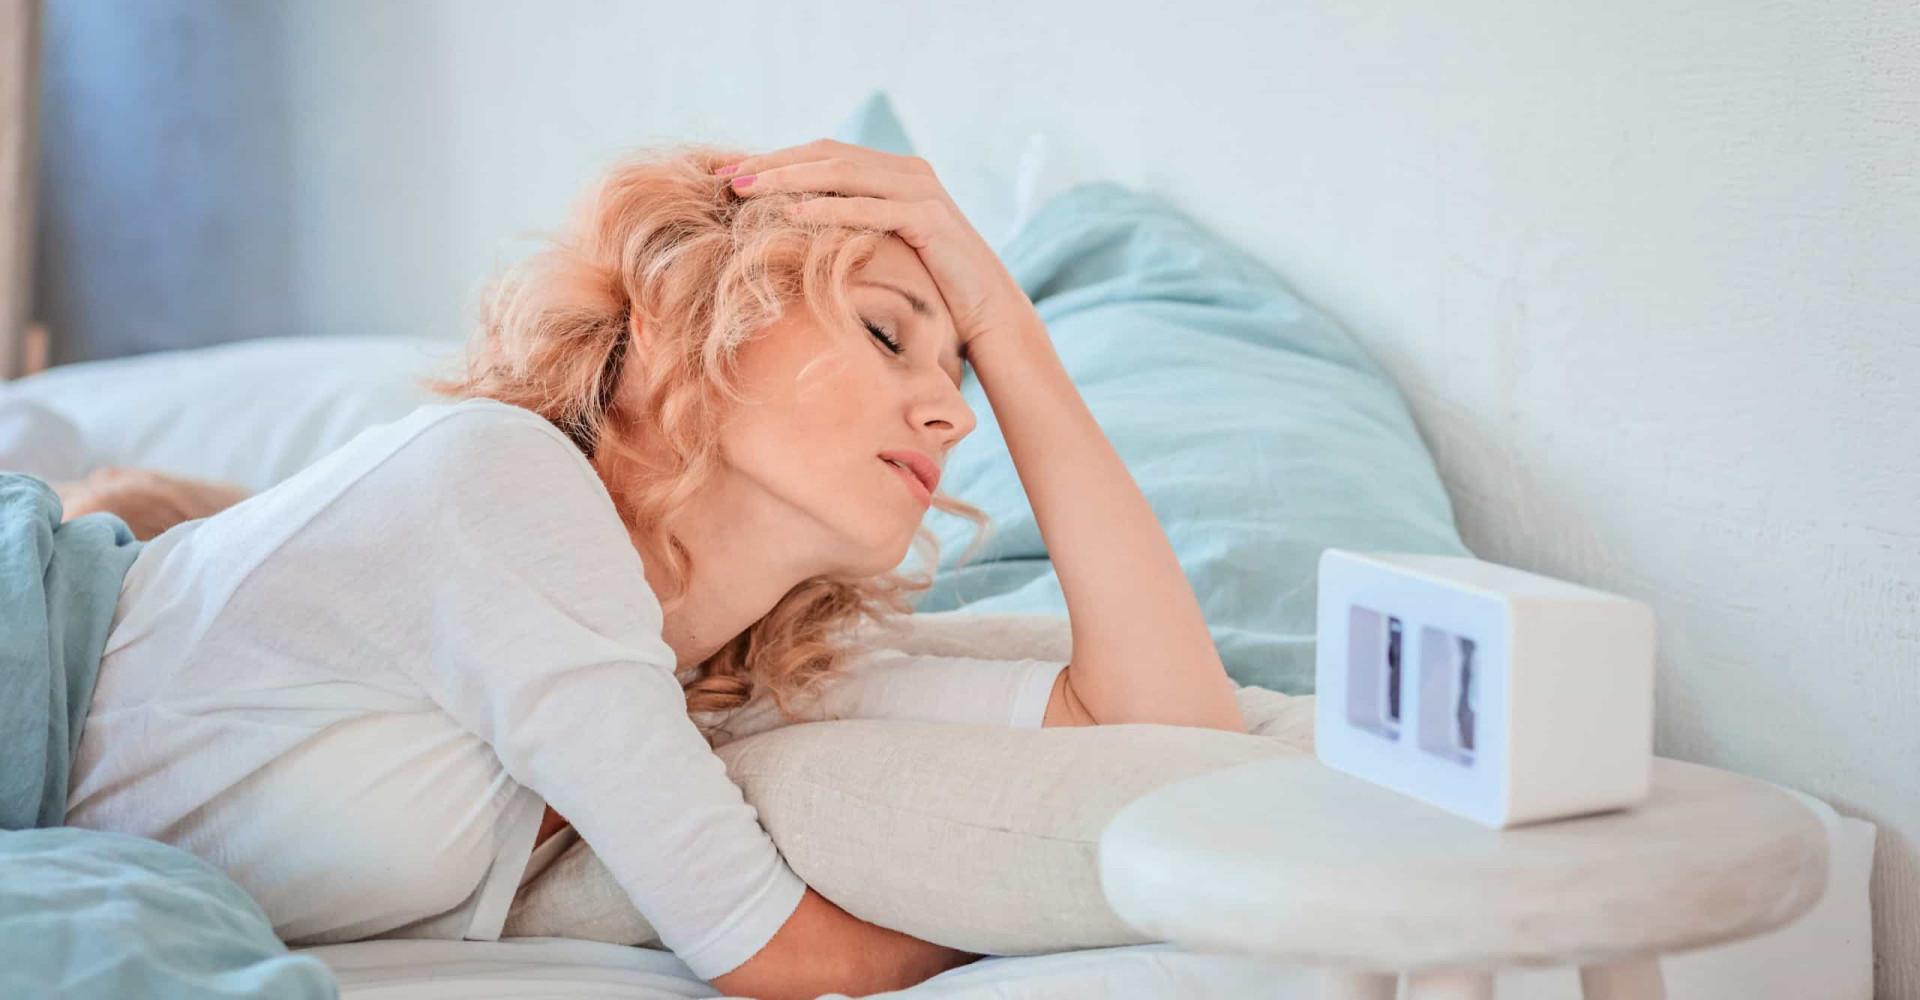 Zo voorkom je hoofdpijn als je opstaat